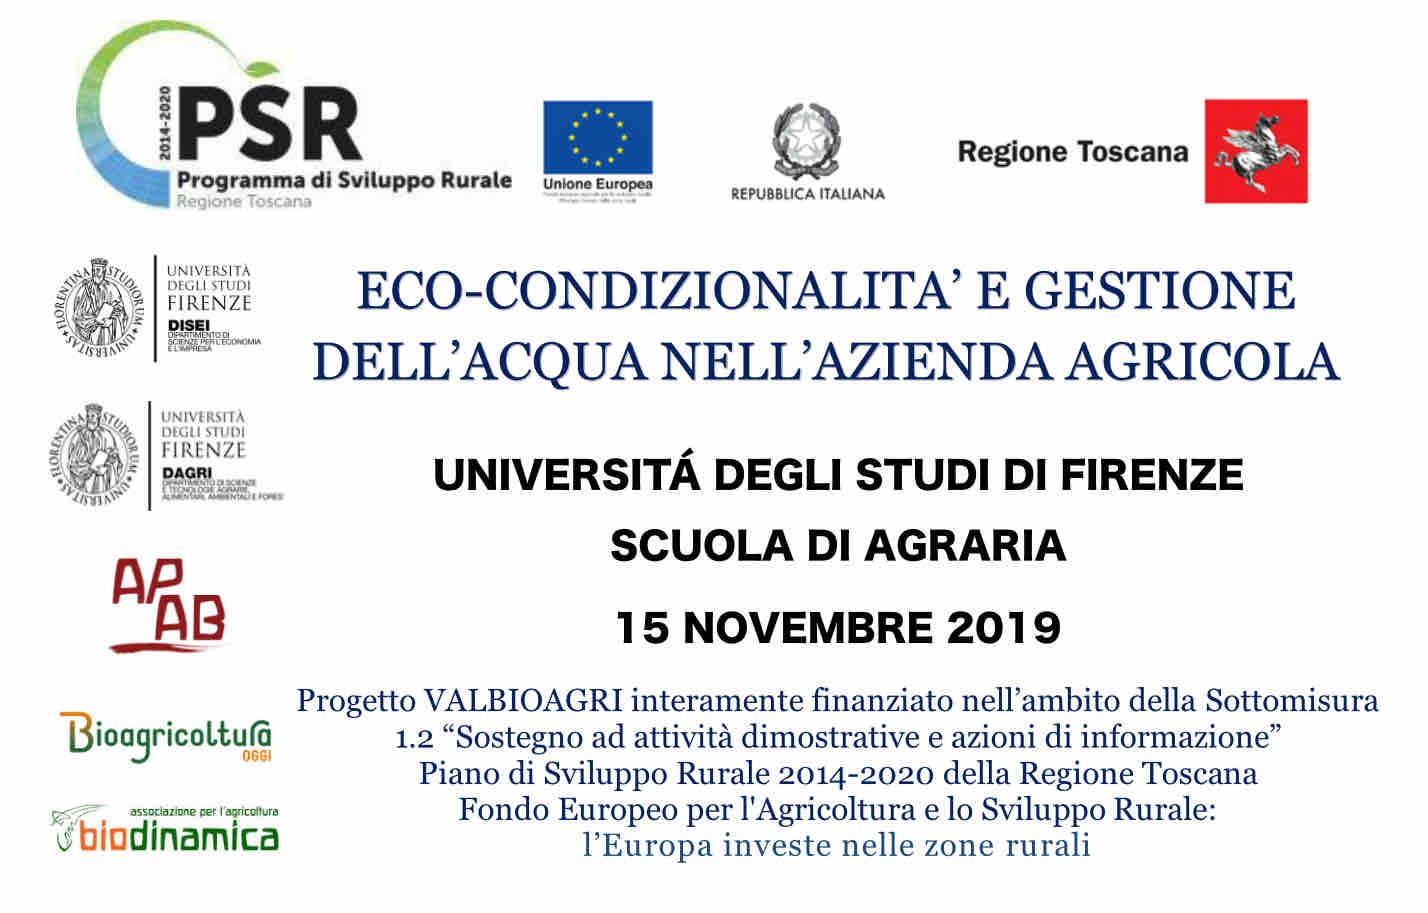 Progetto Valbioagri Al Convegno Di Agroecologia 15 Novembre